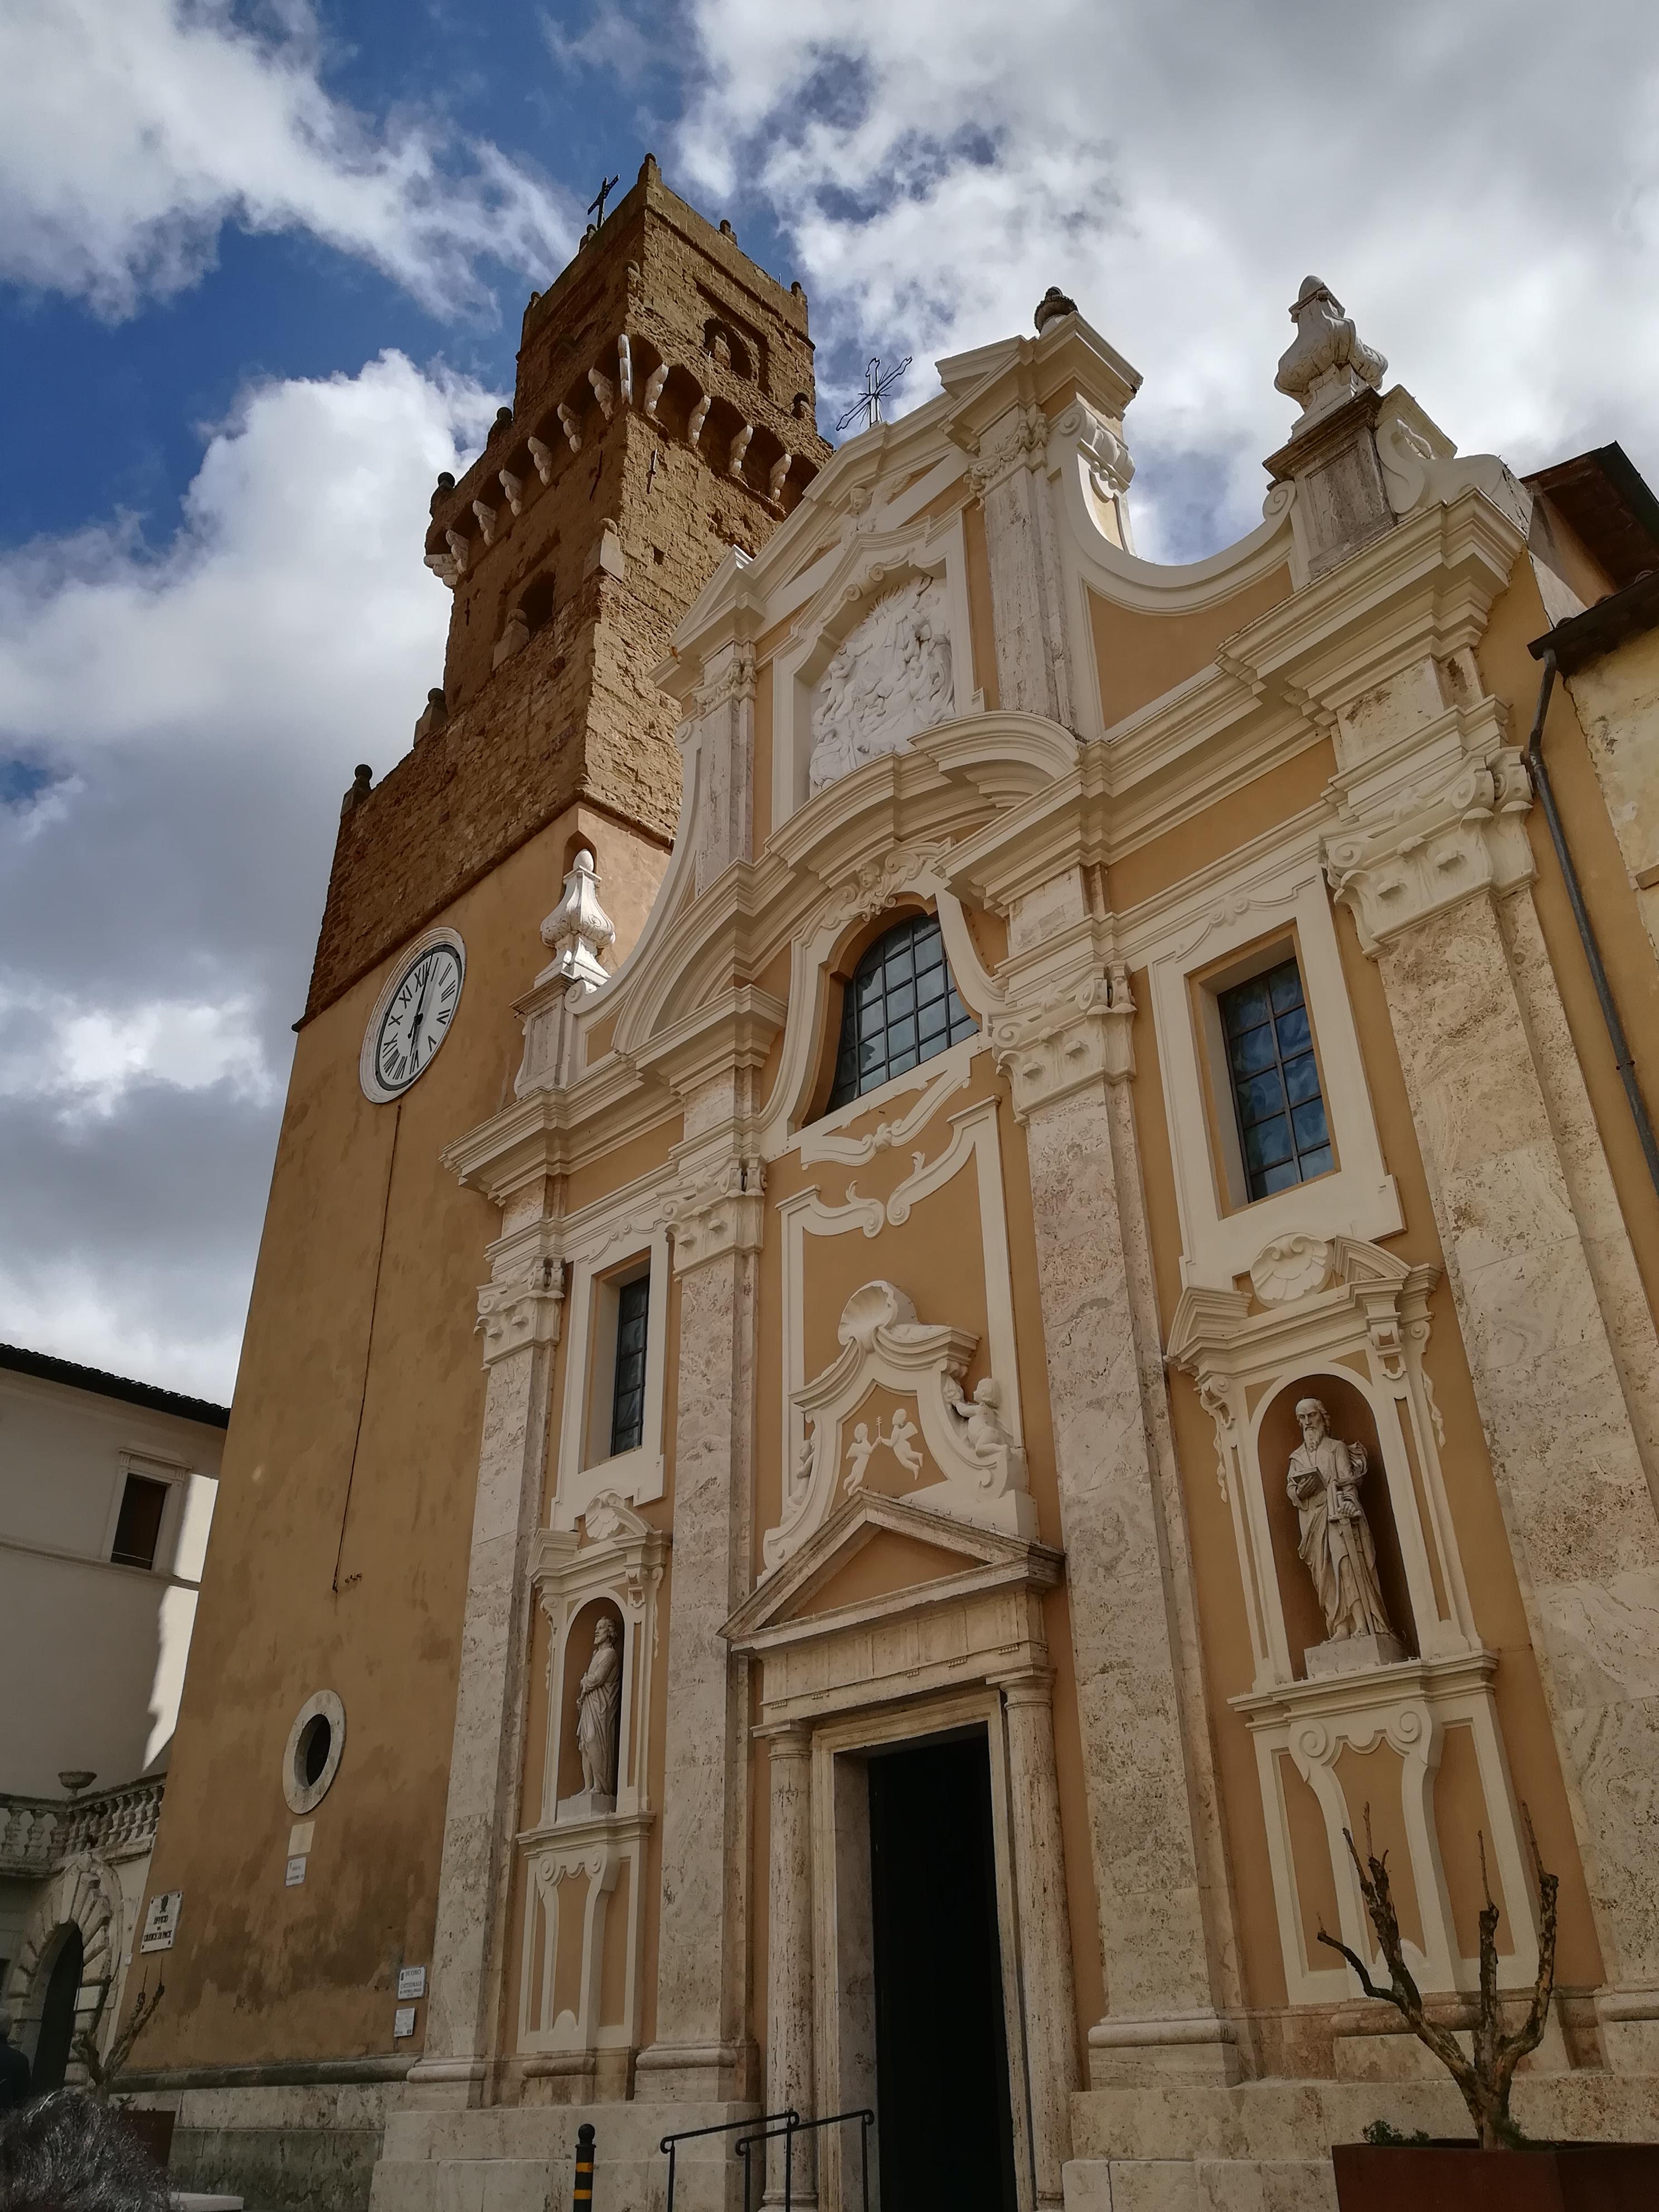 cattedrale dei santi pietro e paolo e campanile a pitigliano cosa vedere GetCOO travel